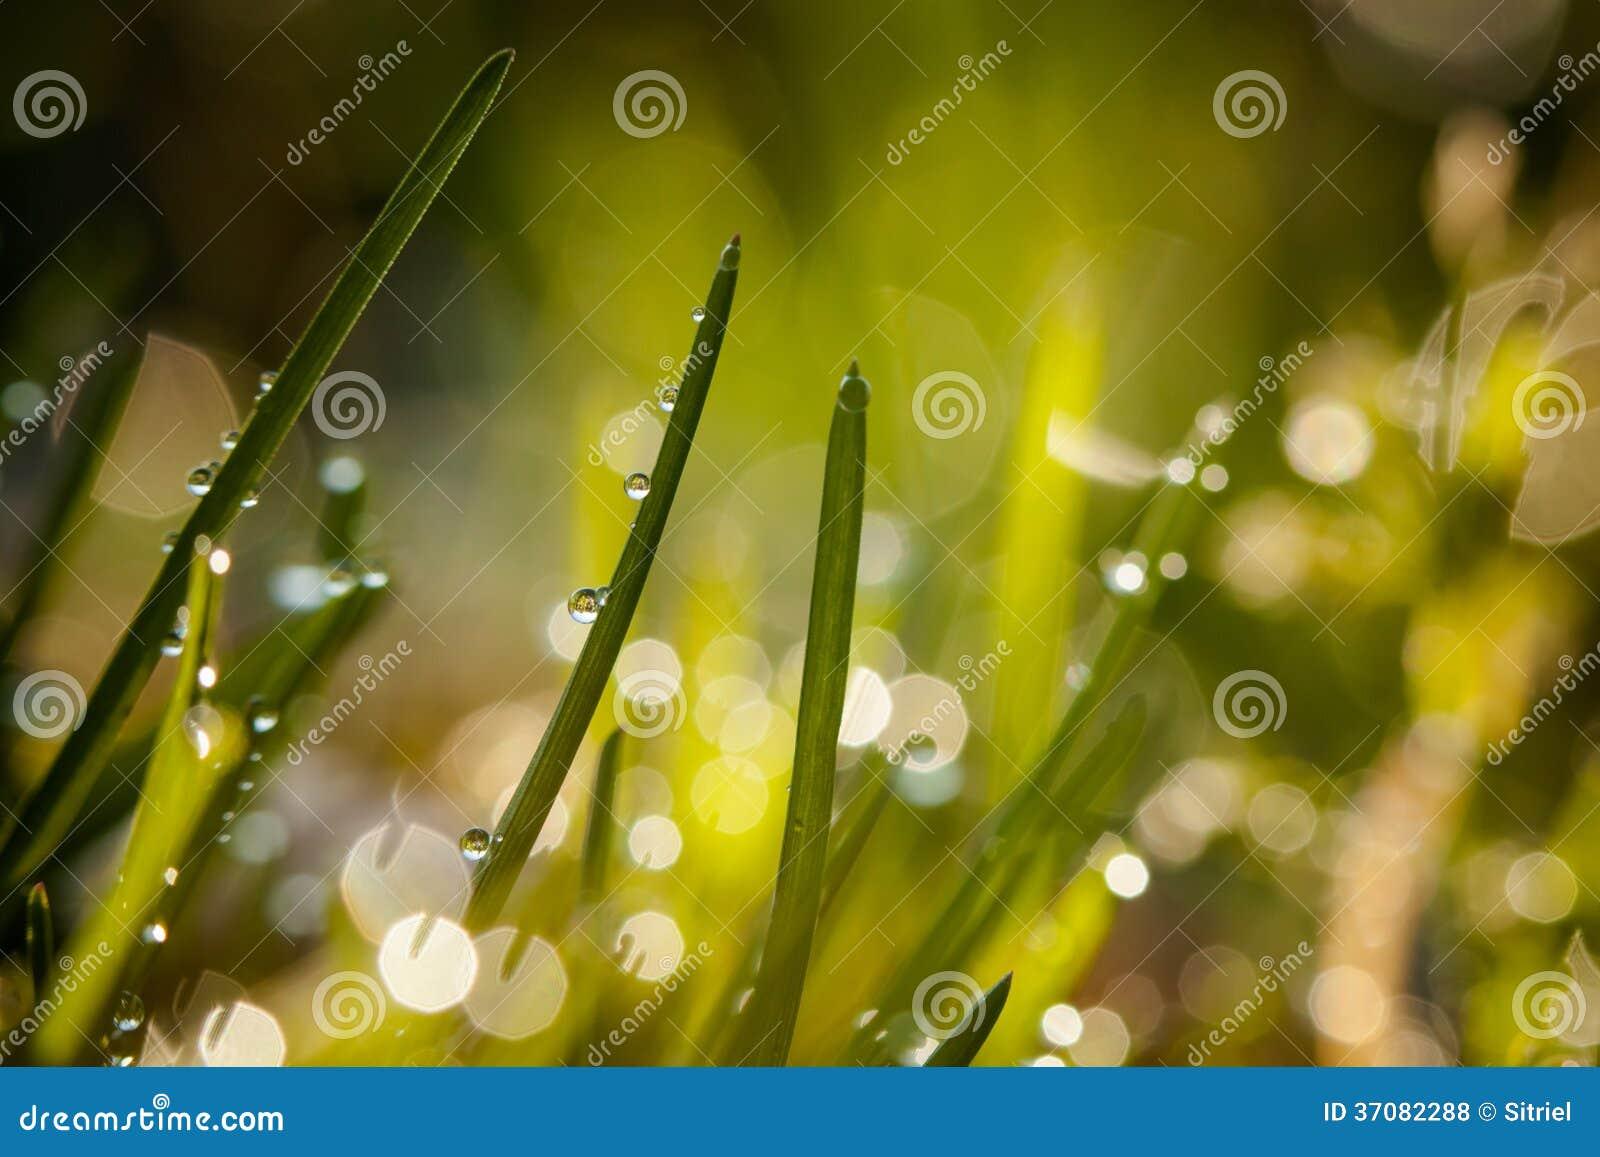 Download Zbliżenie waterdrops zdjęcie stock. Obraz złożonej z bąbel - 37082288